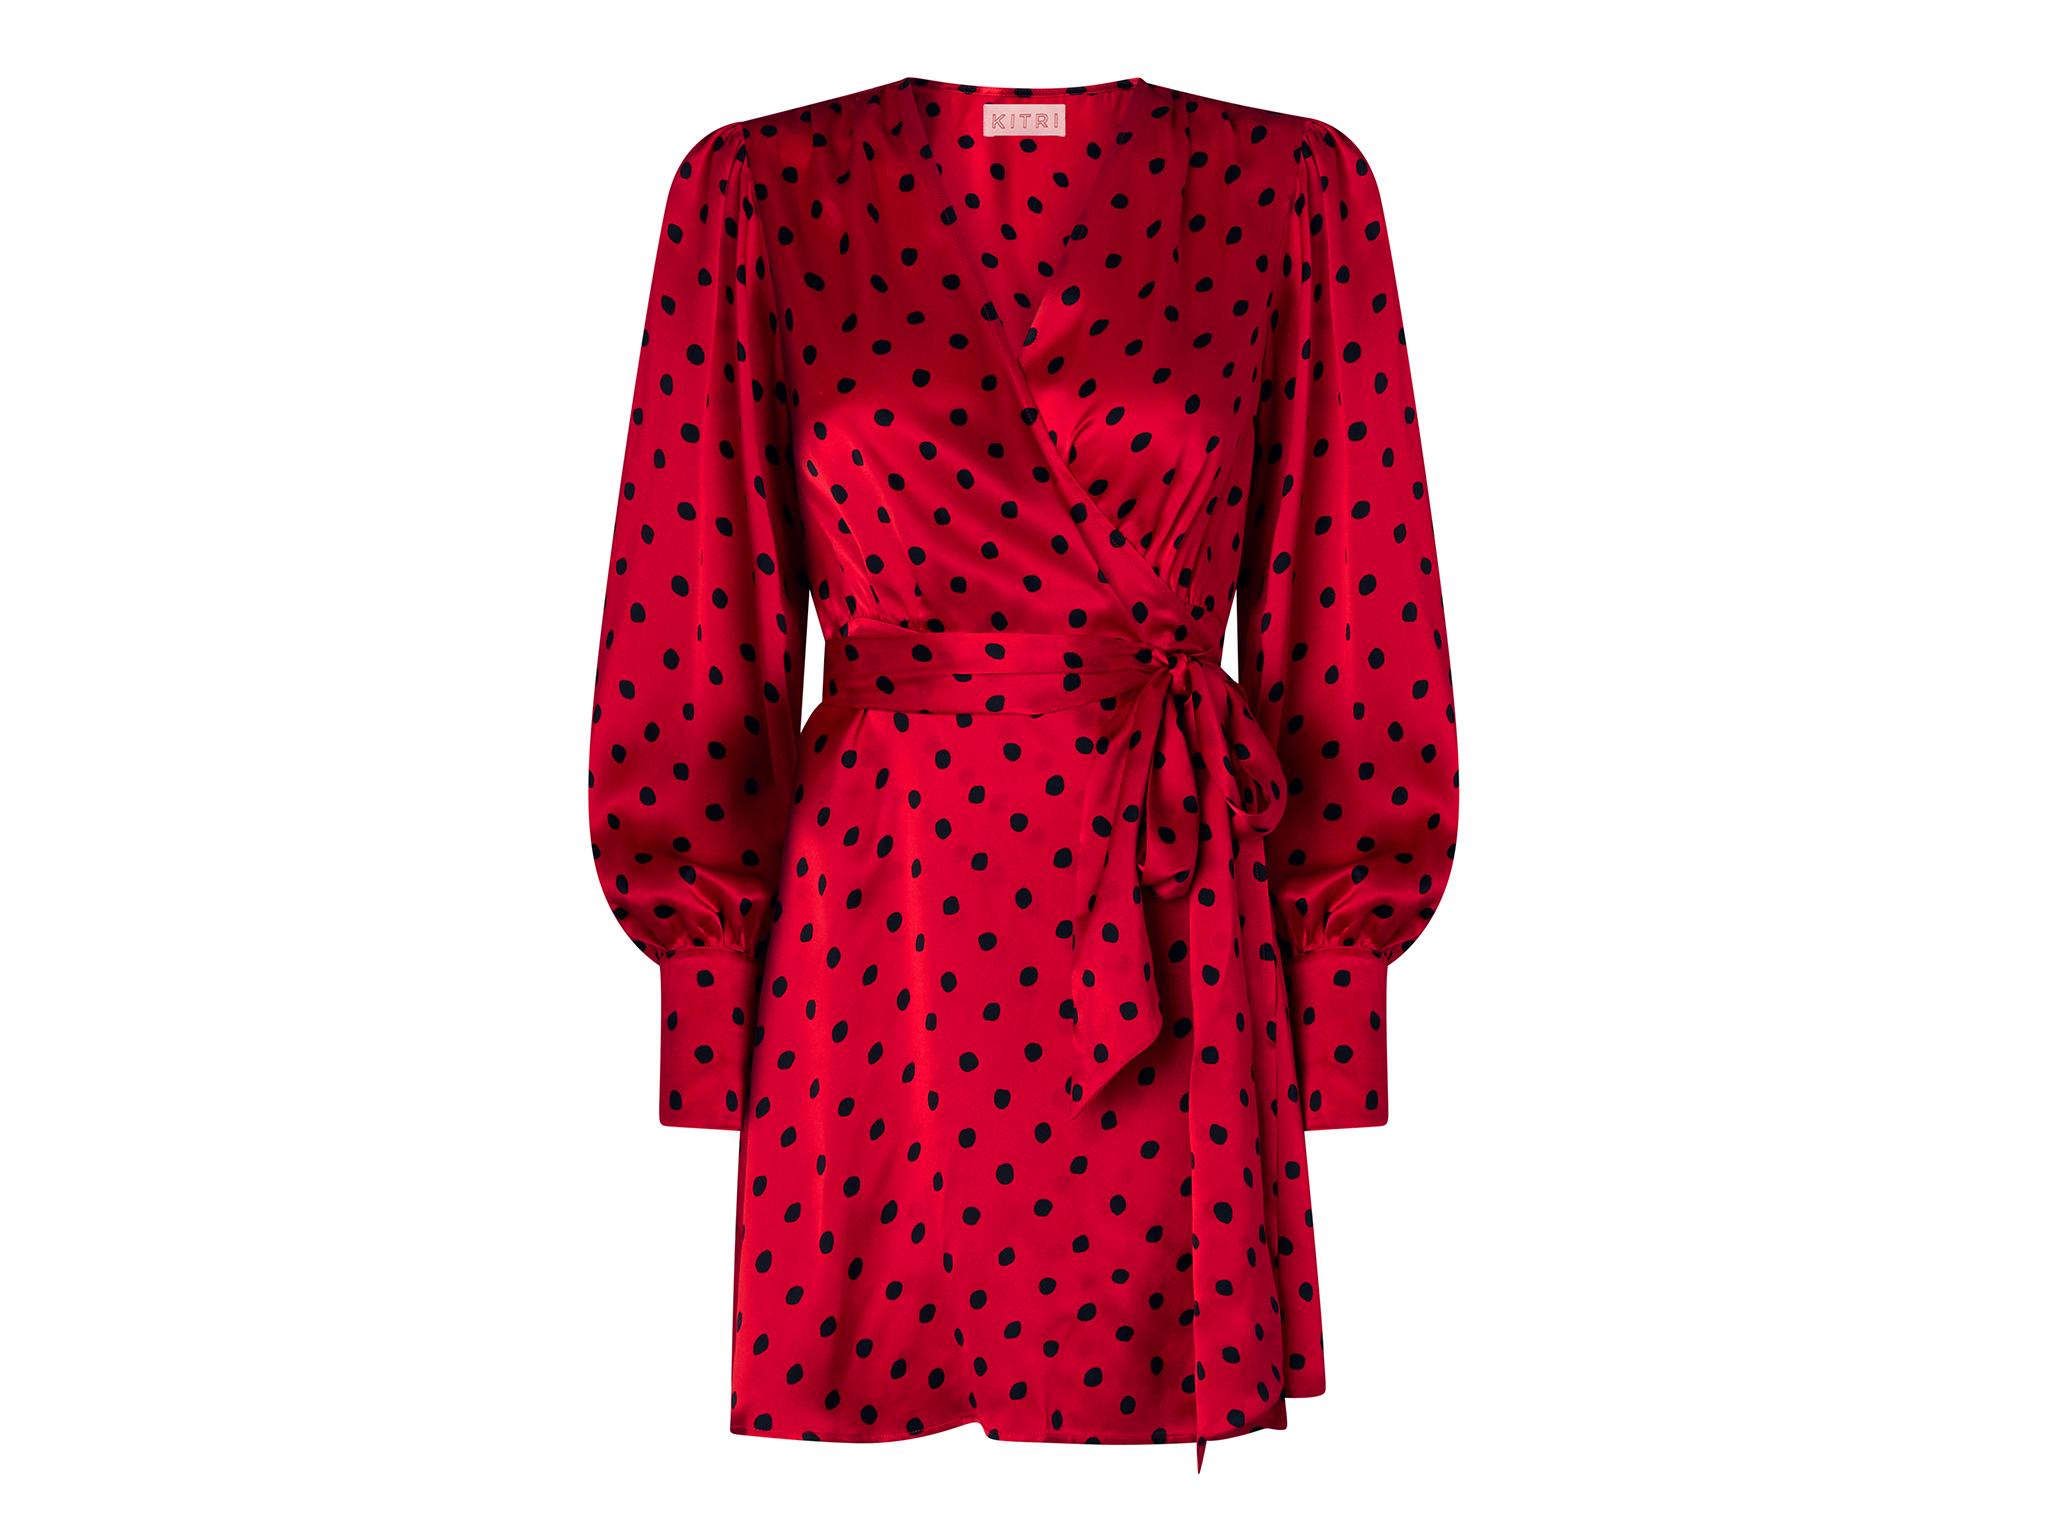 Red polka dot mini dress, £125, kitristudio.com